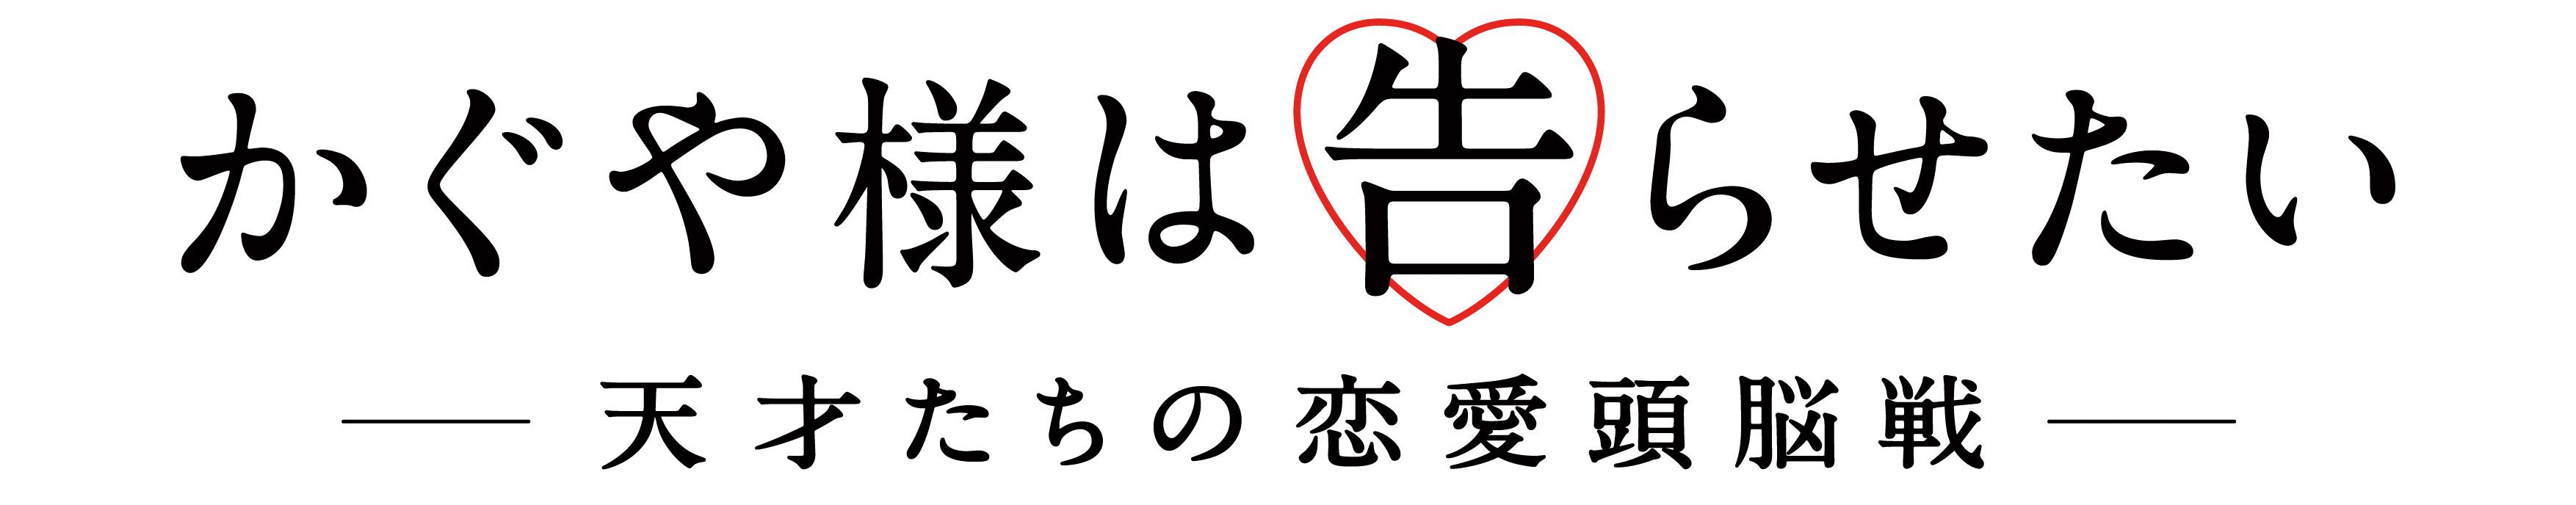 平野紫耀(King & Prince)と橋本環奈で完全実写化!『かぐや様は告らせたい 〜天才たちの恋愛頭脳戦〜』